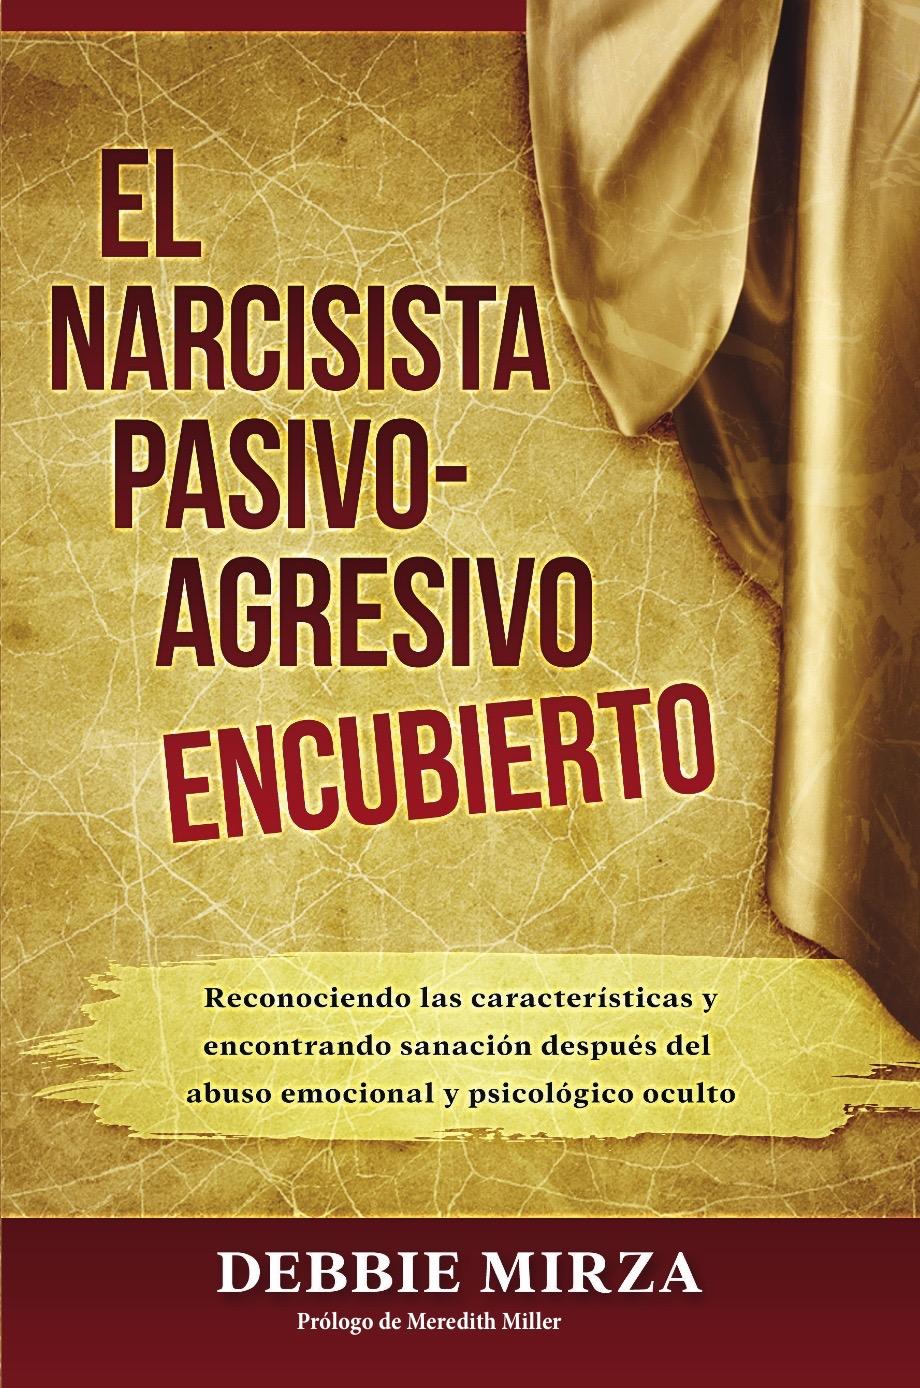 El narcisista pasivo_cover-v4 2.jpg